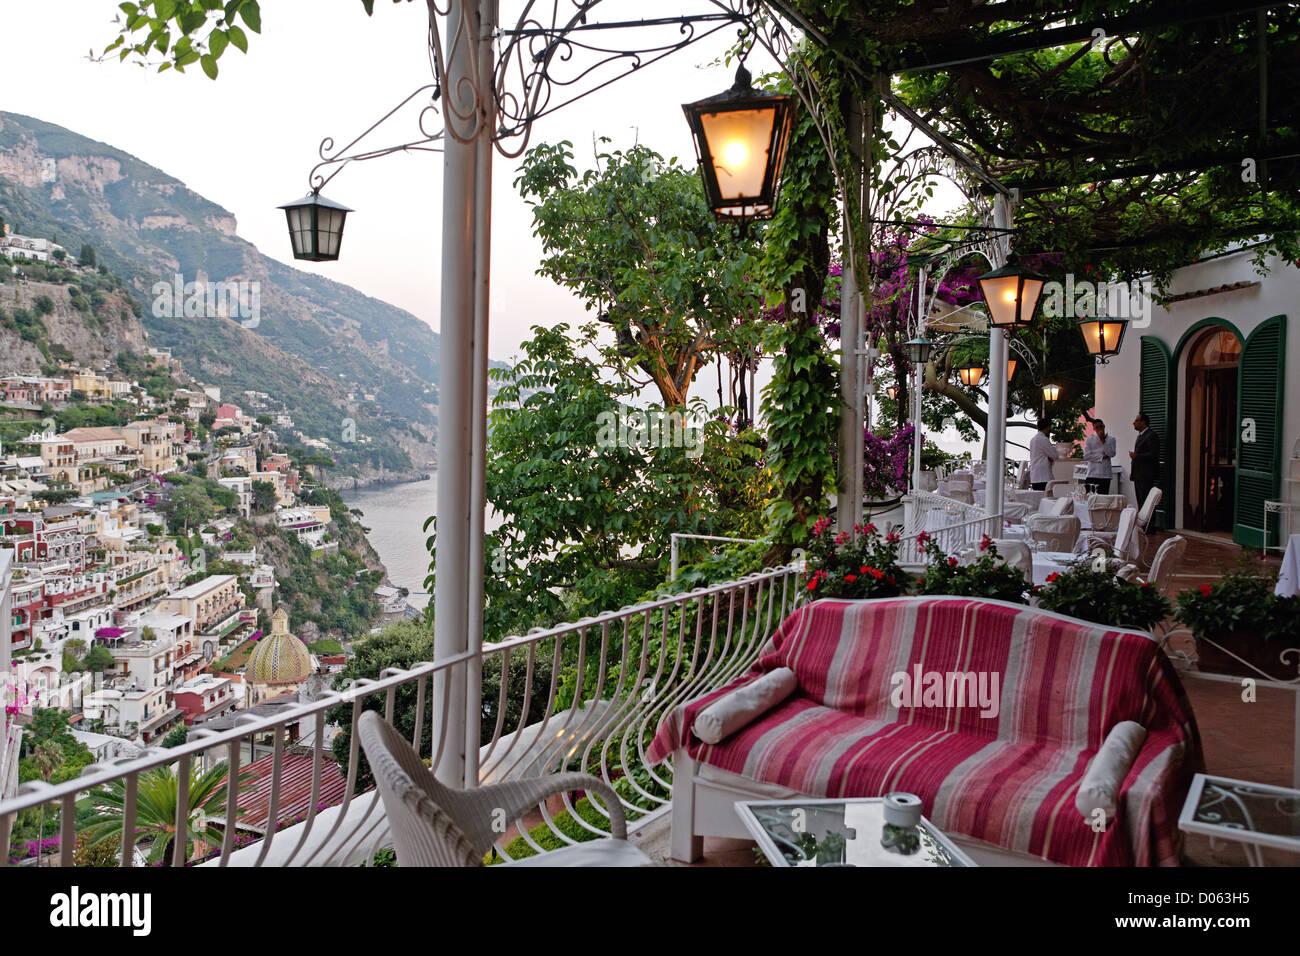 Abends Blick Auf Positano Von Einer Terrasse Hotel Poseidon